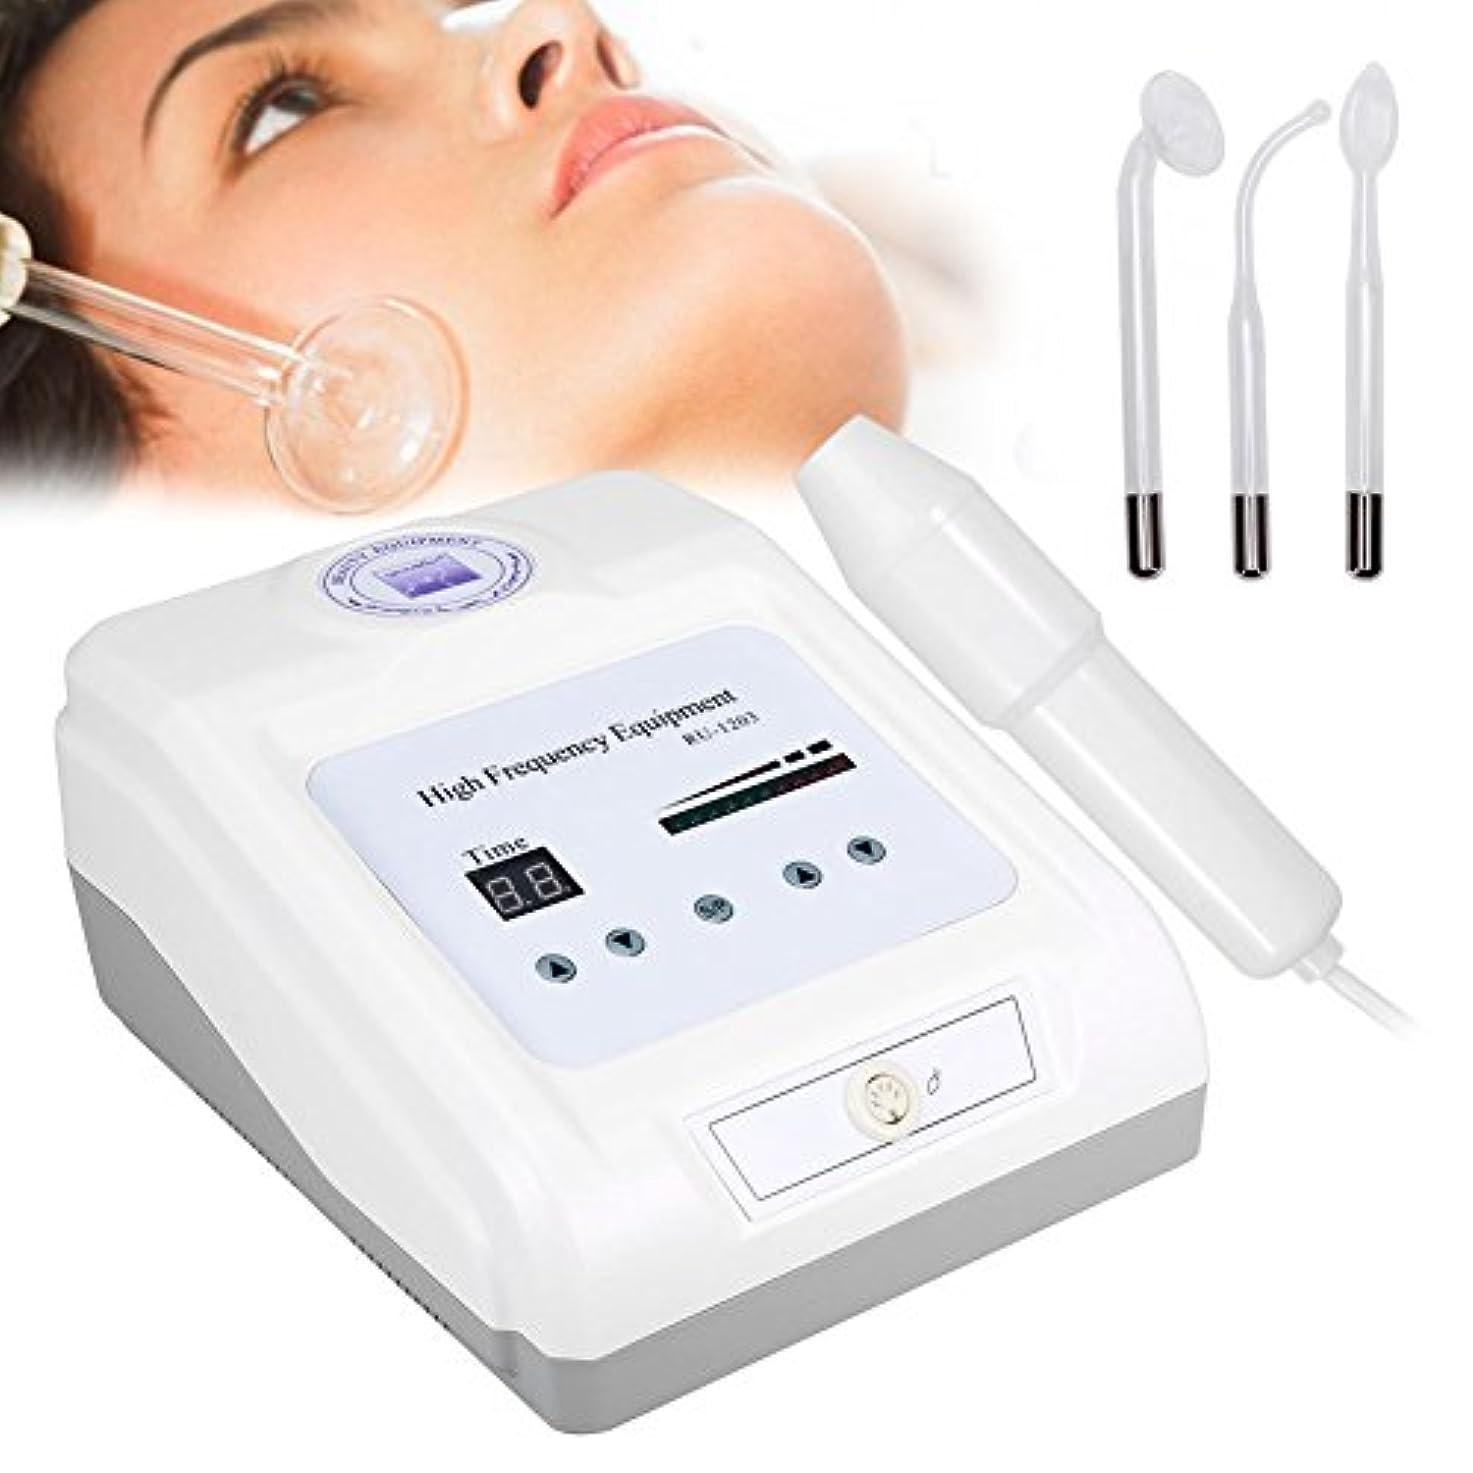 ヒゲ生物学アロング高周波電気療法の器械、消炎アクネの処置の顔の心配の美用具(01)